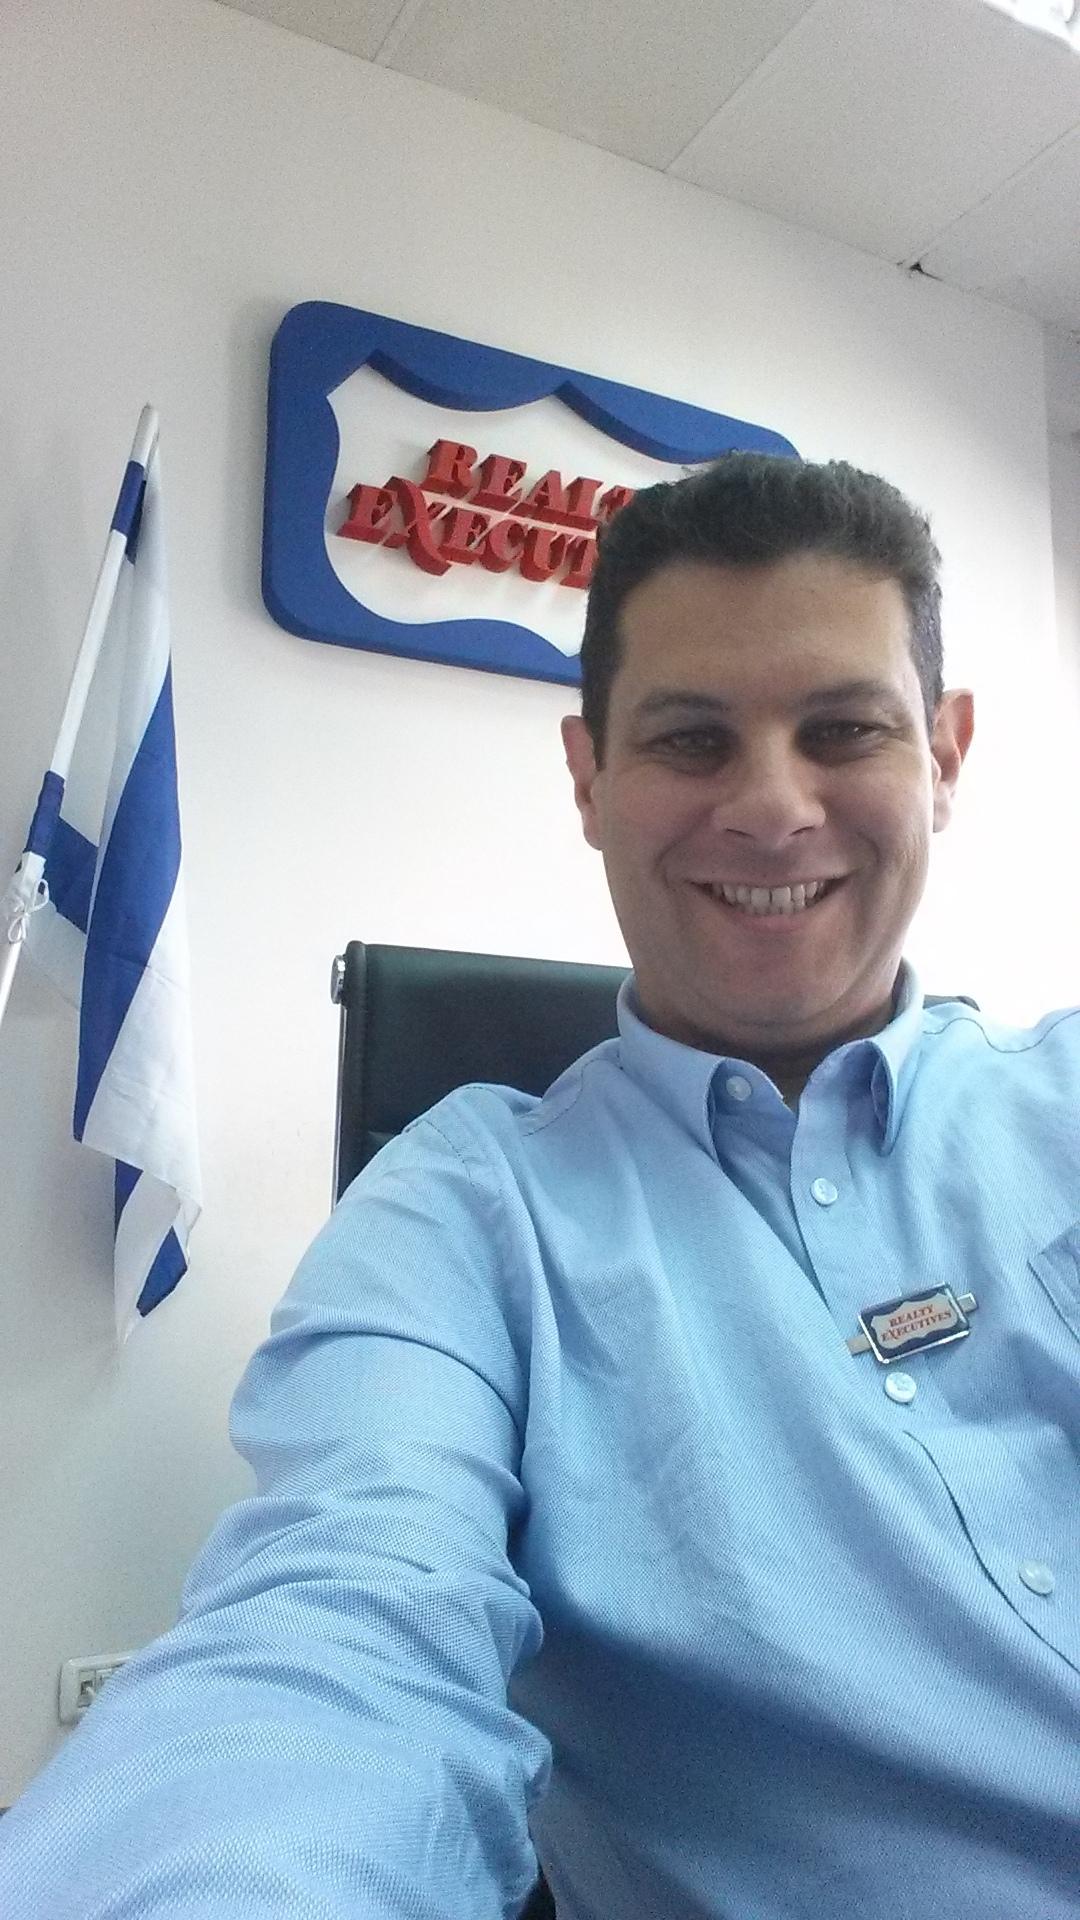 GiladGilad